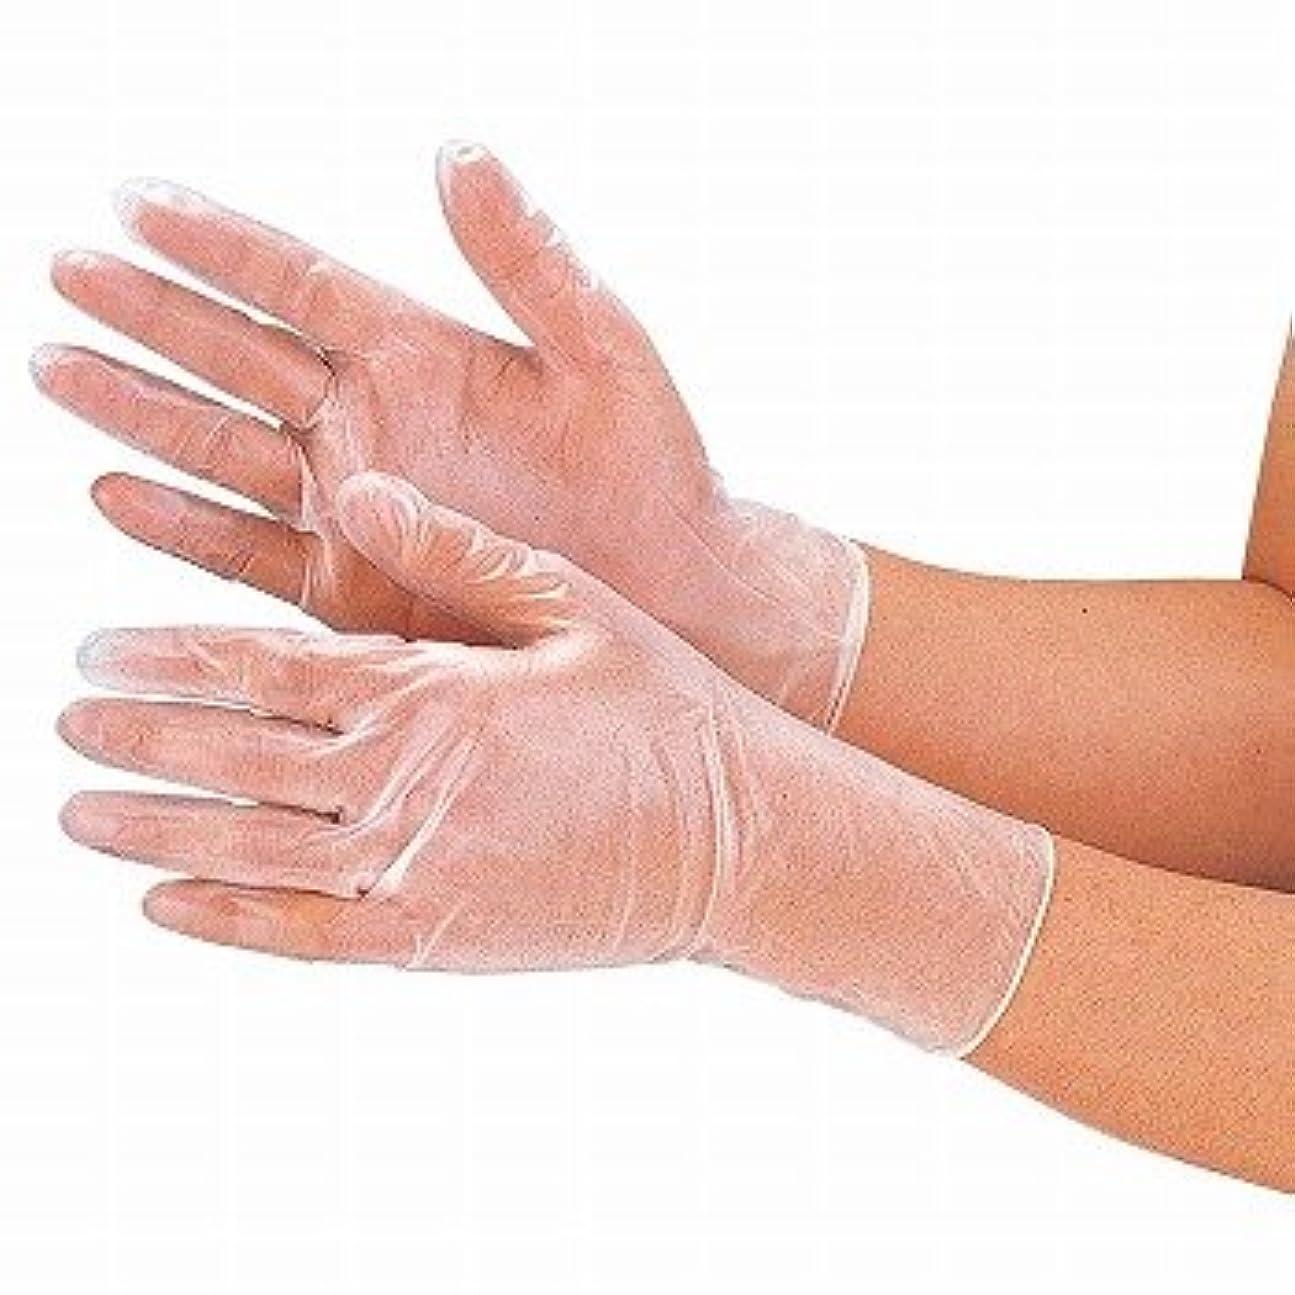 純度銅電気陽性おたふく手袋/抗菌プラスチックディスポ手袋 100枚入×12セット[総数1200枚]/品番:250 サイズ:M